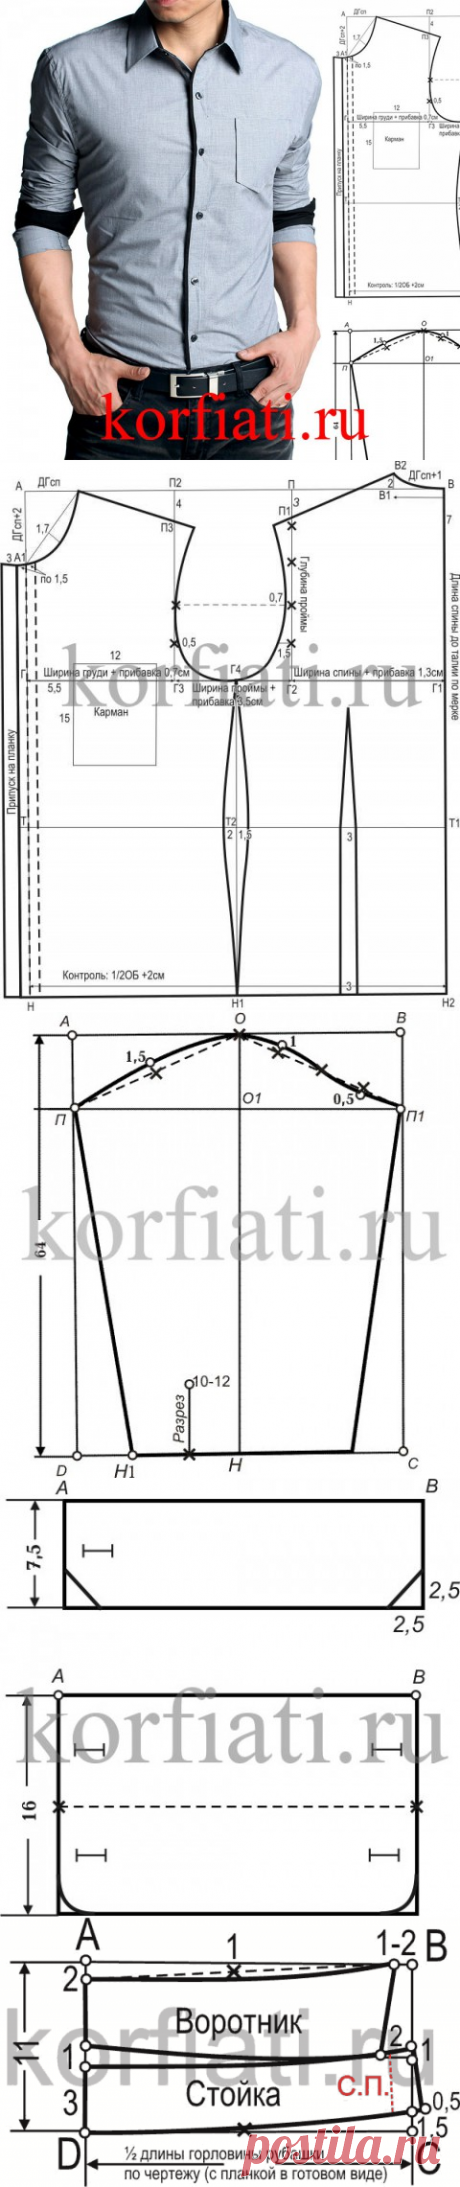 Выкройка мужской приталенной рубашки от А. Корфиати